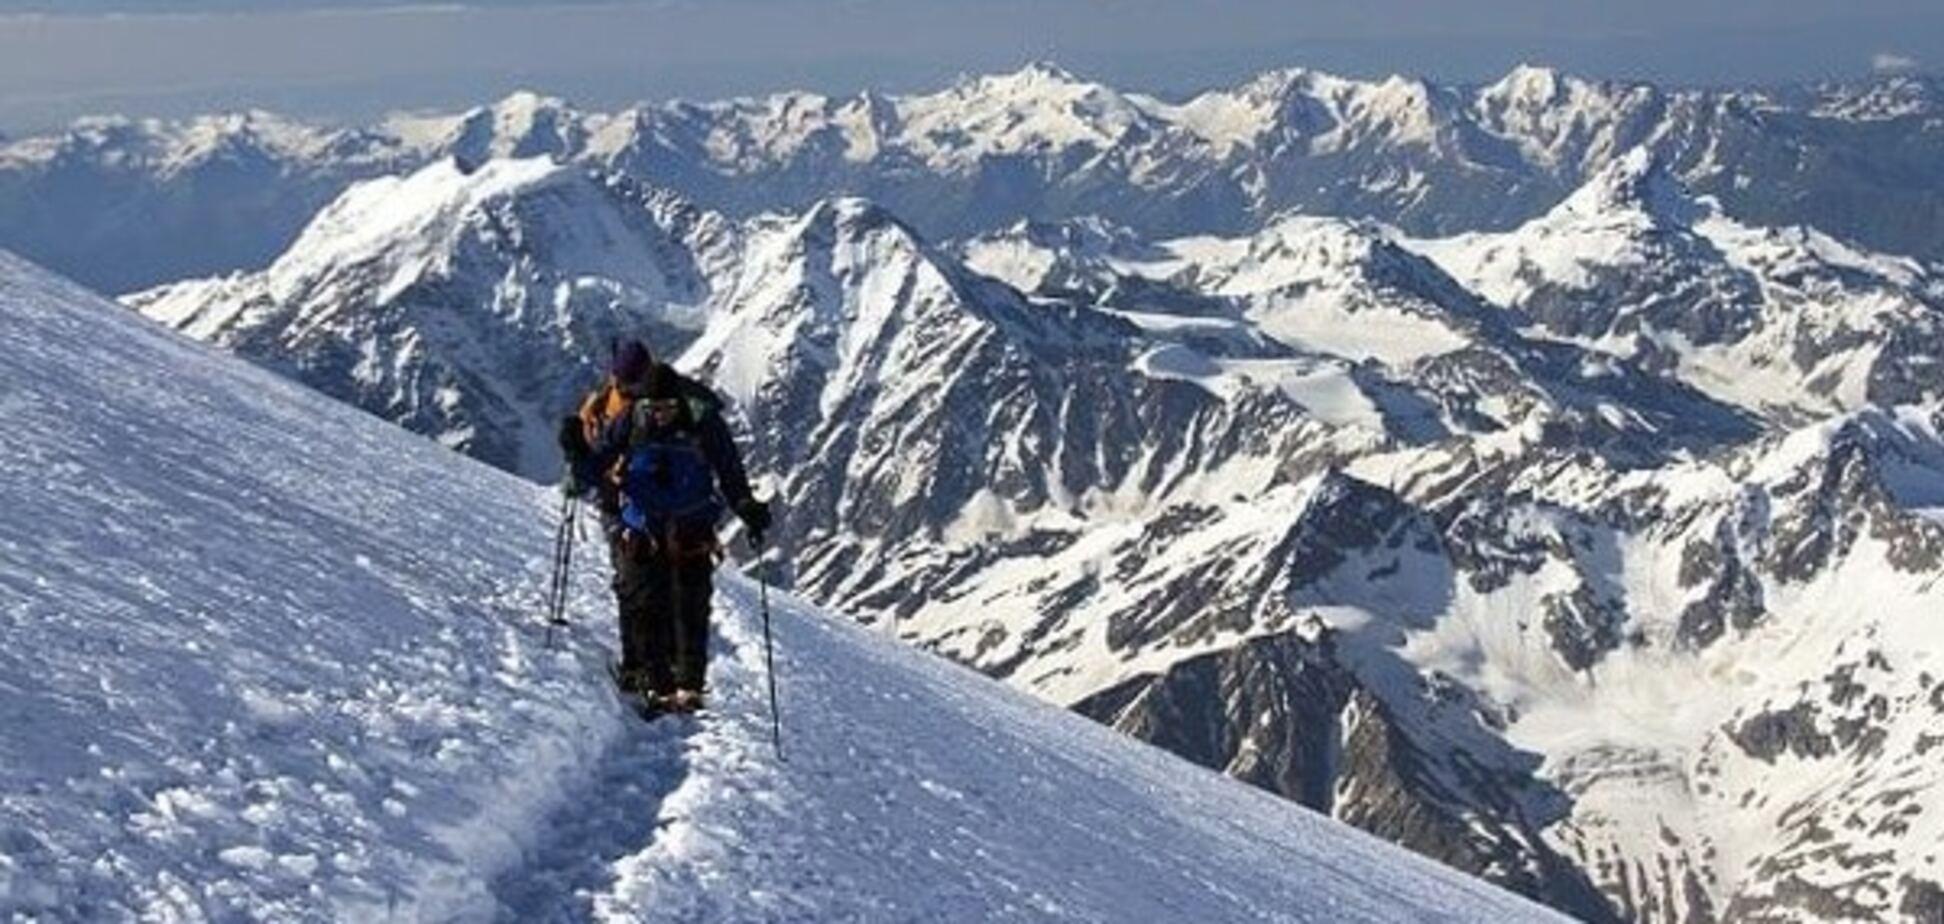 Український альпініст зірвався з висоти 5300 метрів на Ельбрусі